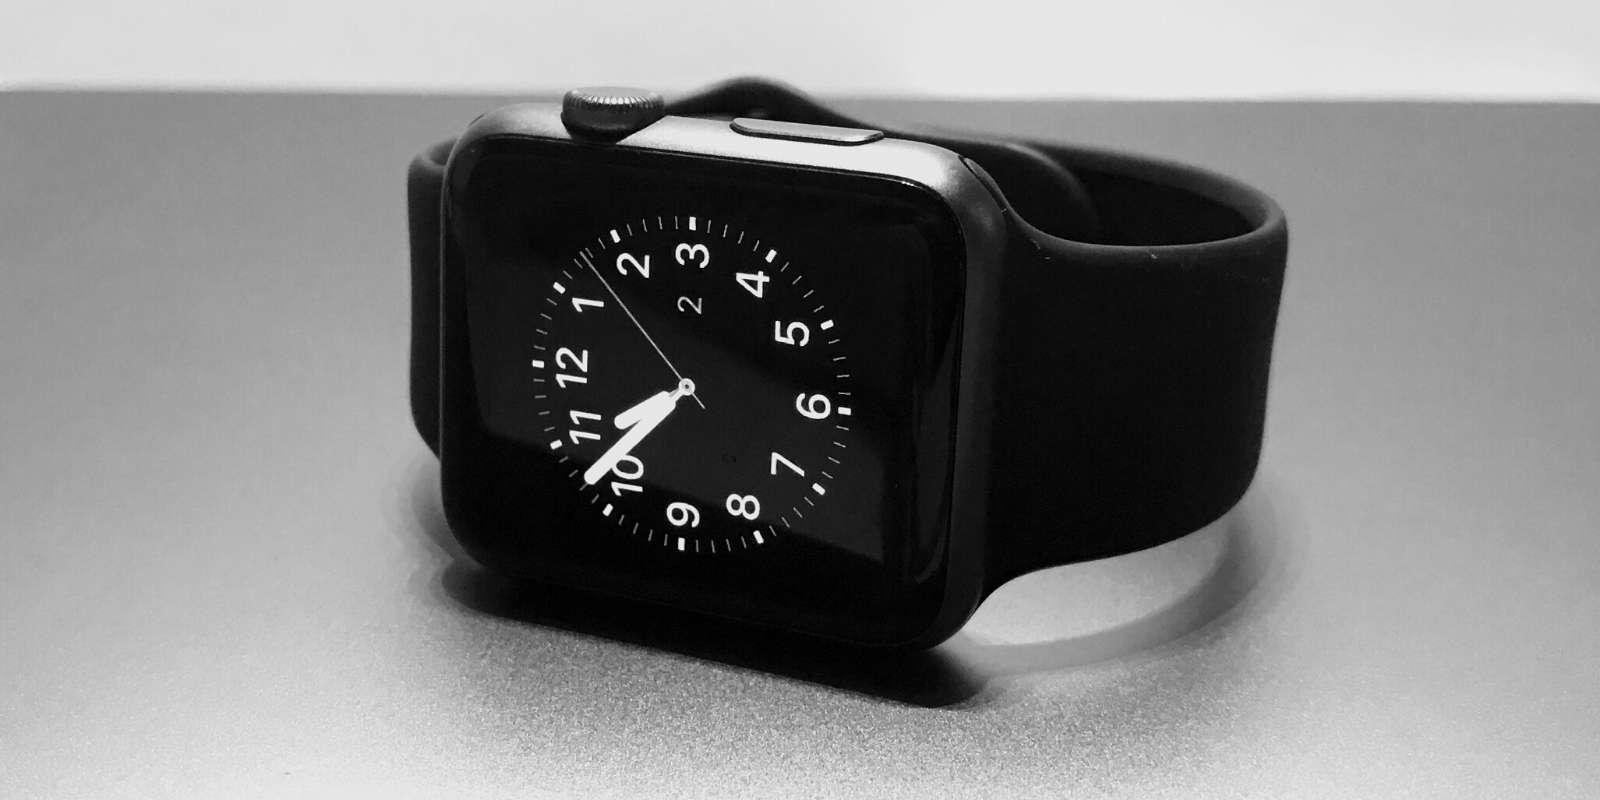 La montre connectée Apple Watch Series 4 est disponible à prix remisé pendant une courte période et en quantité limitée. © Pexels